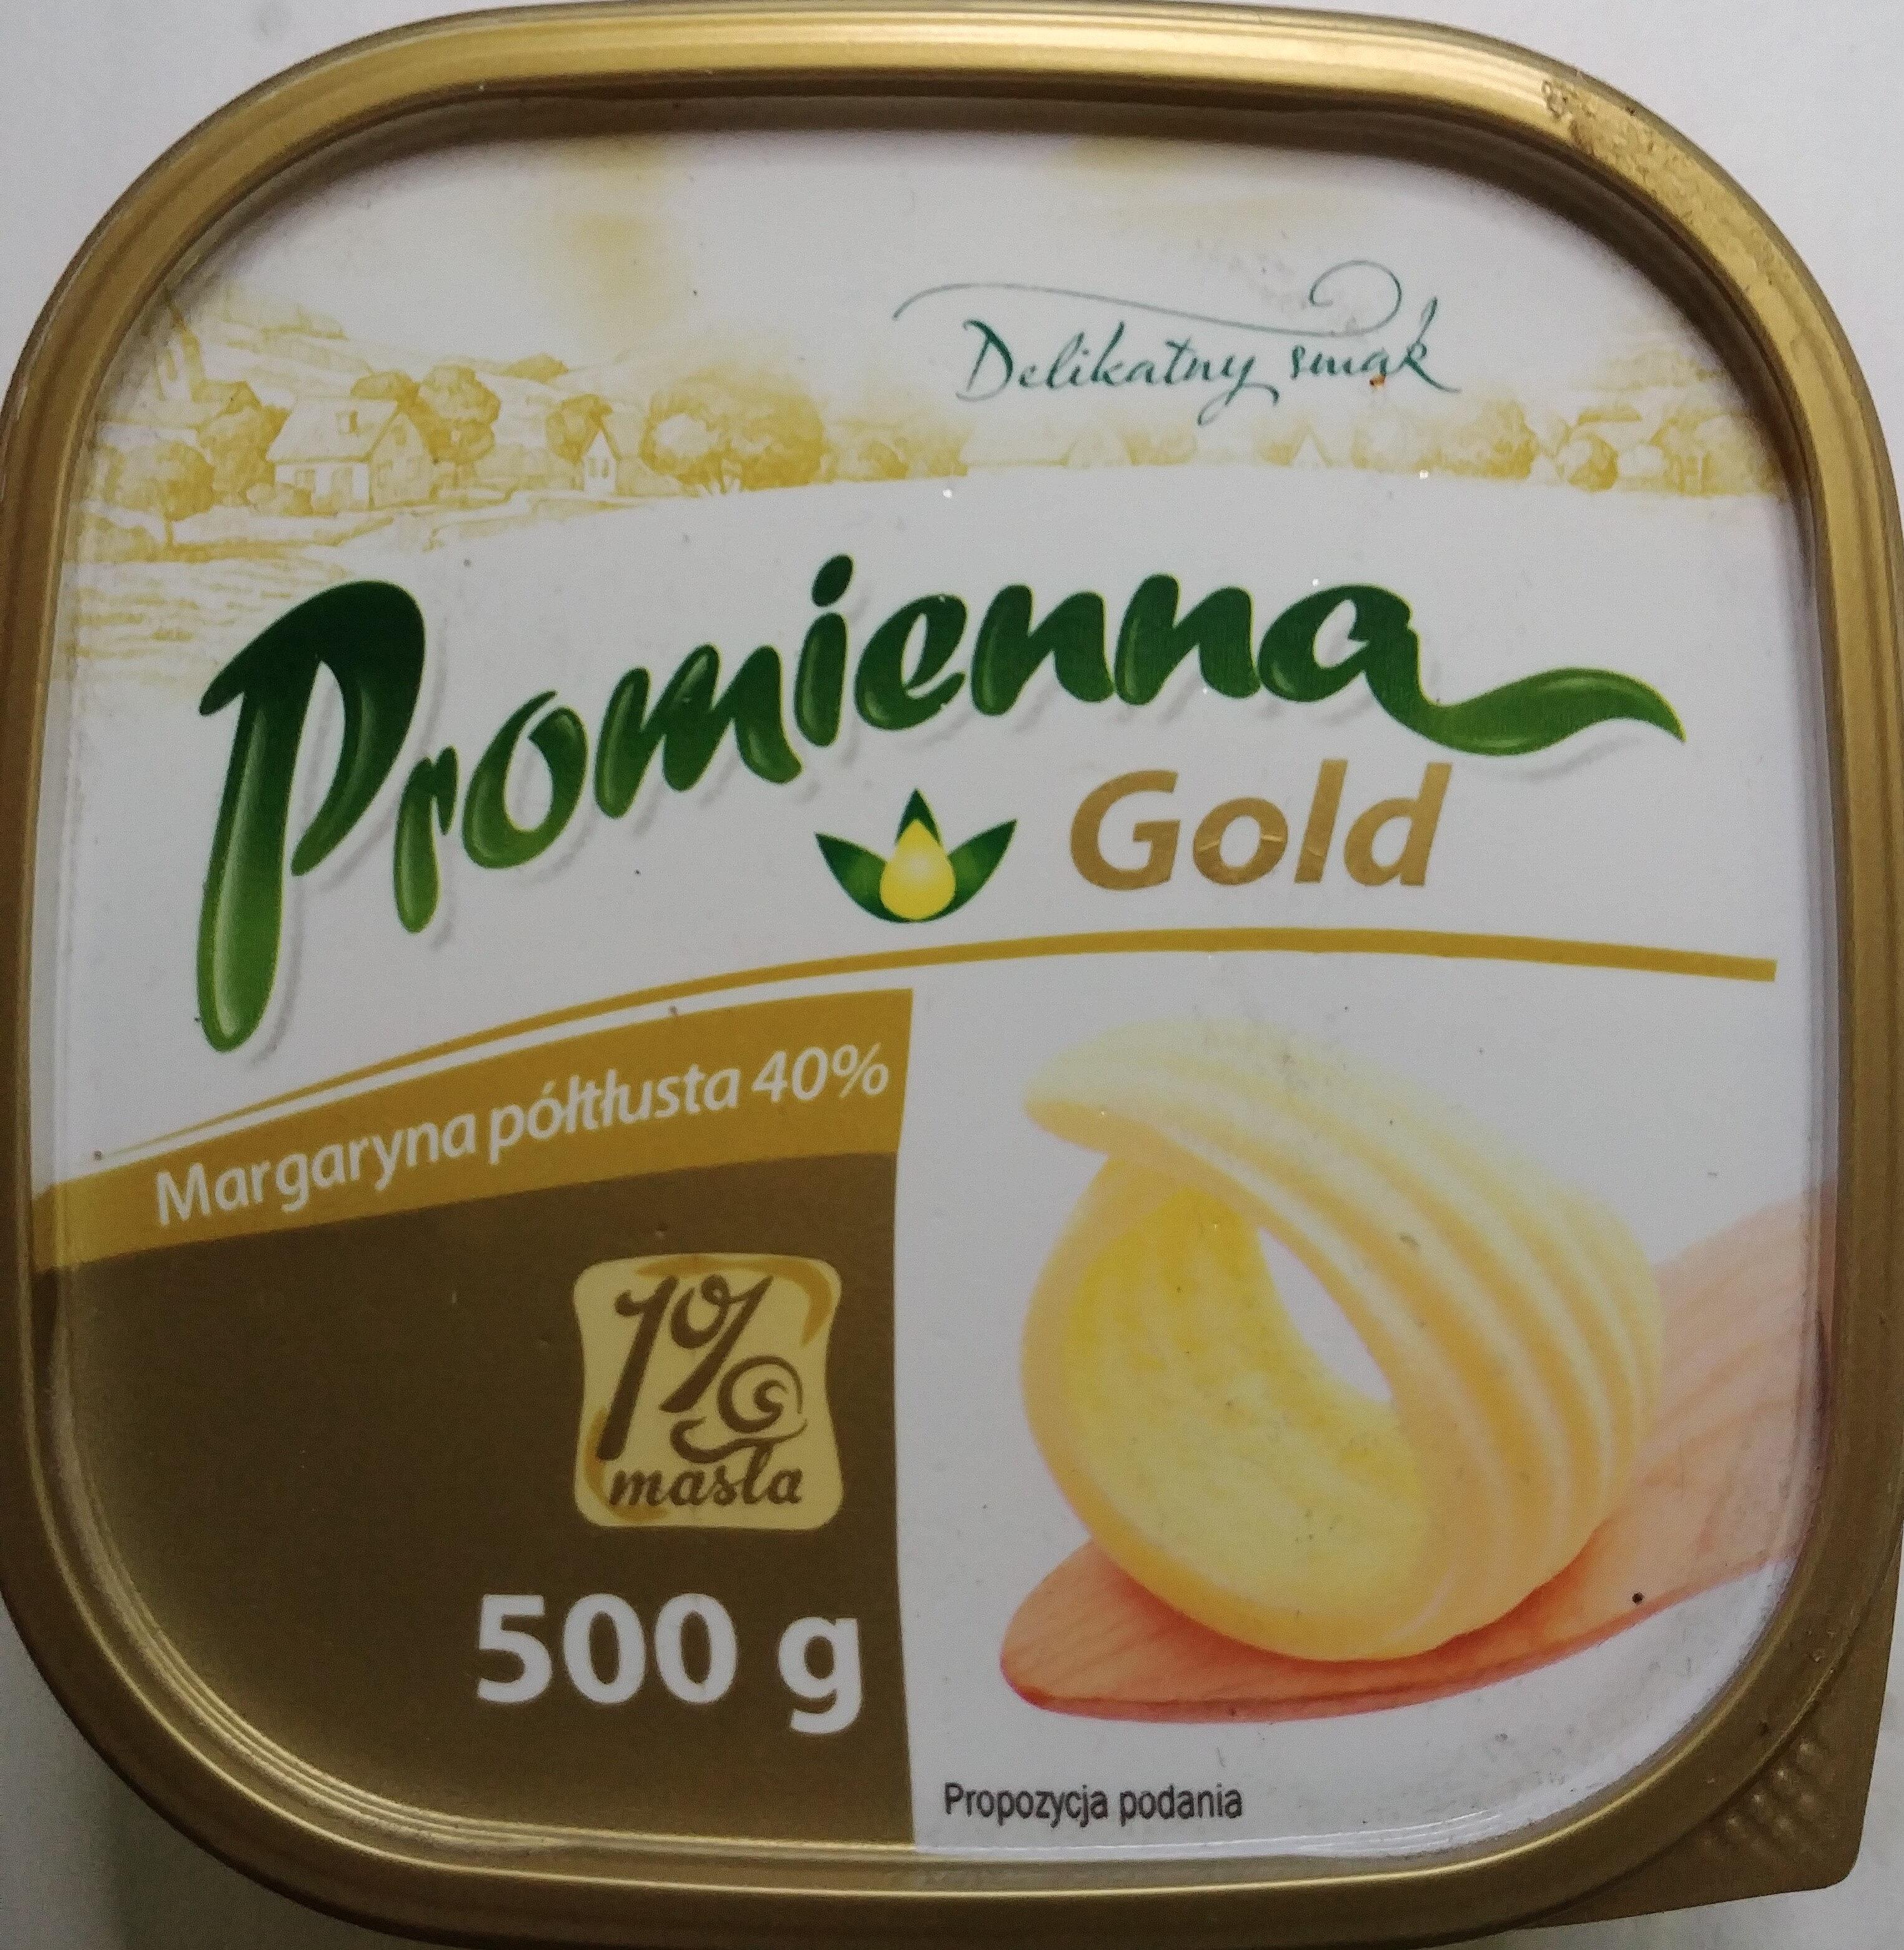 Margaryna półtłusta 40% Produkt do smarowania - Produkt - pl